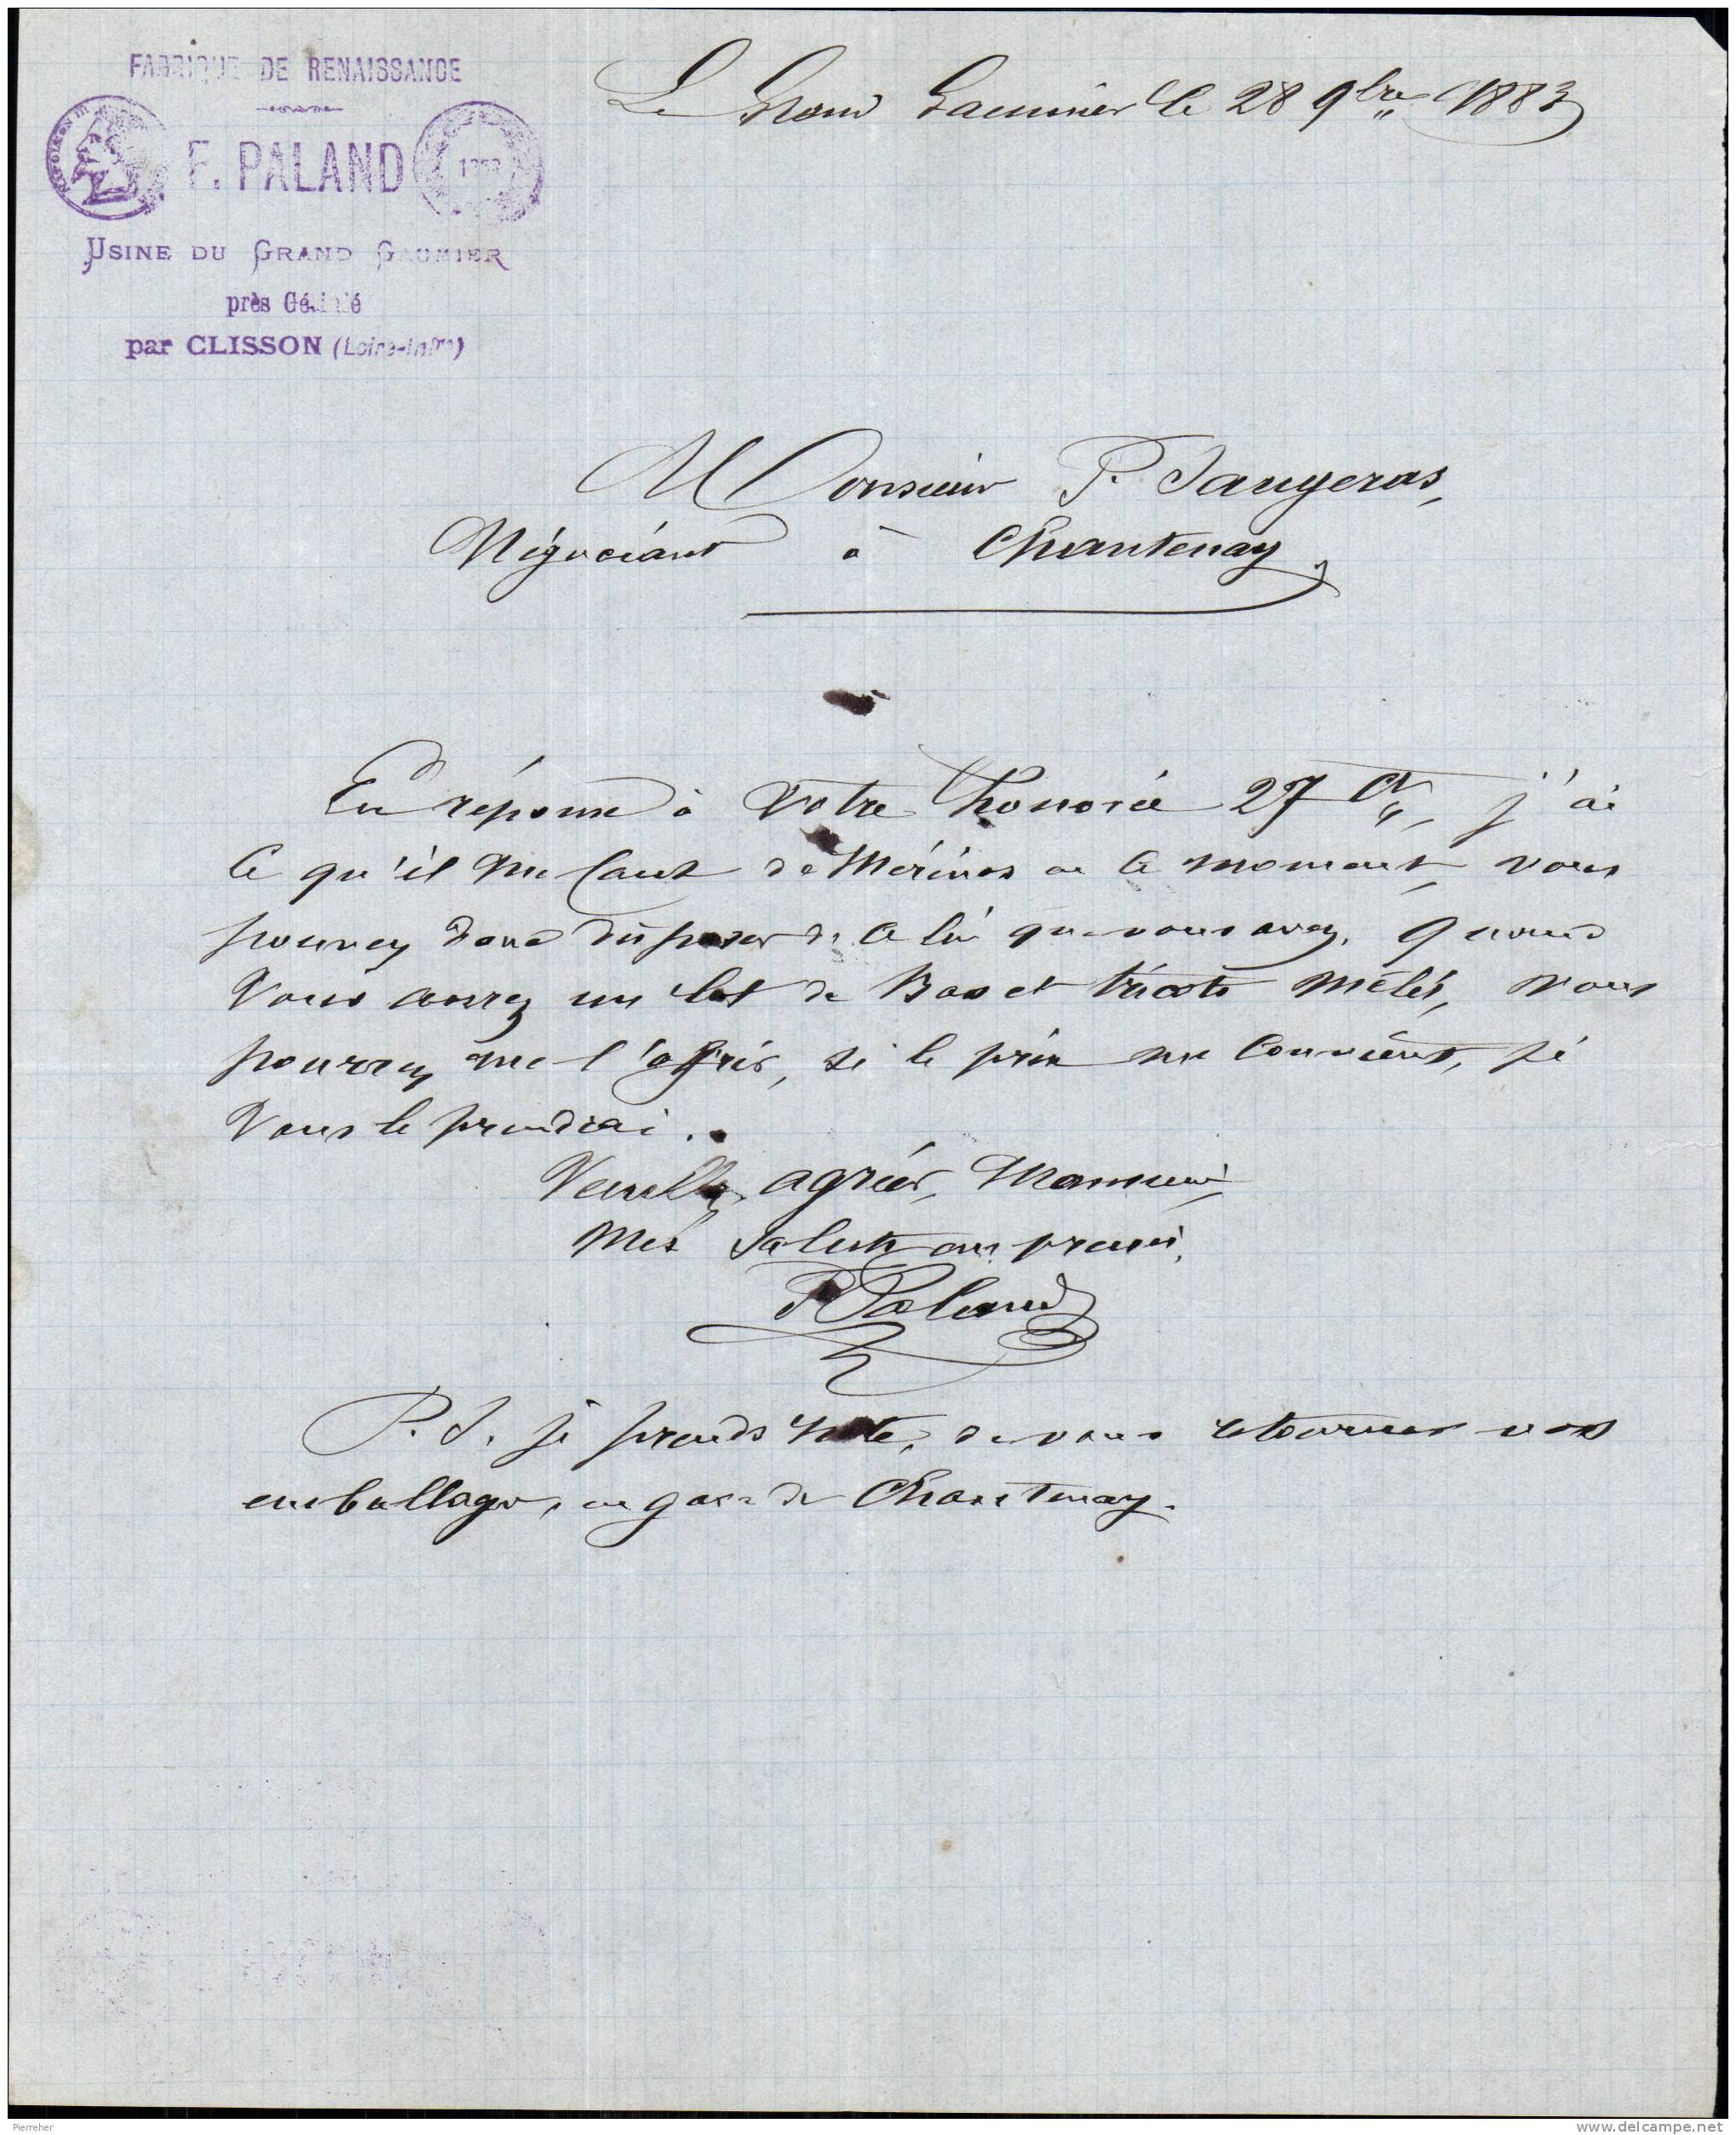 FABRIQUE DE RENAISSANCE F. PALAND USINE DU GRAND GAUMIER PRES GETIGNE PAR CLISSON - LOIRE ATLANTIQUE - 1883 - France